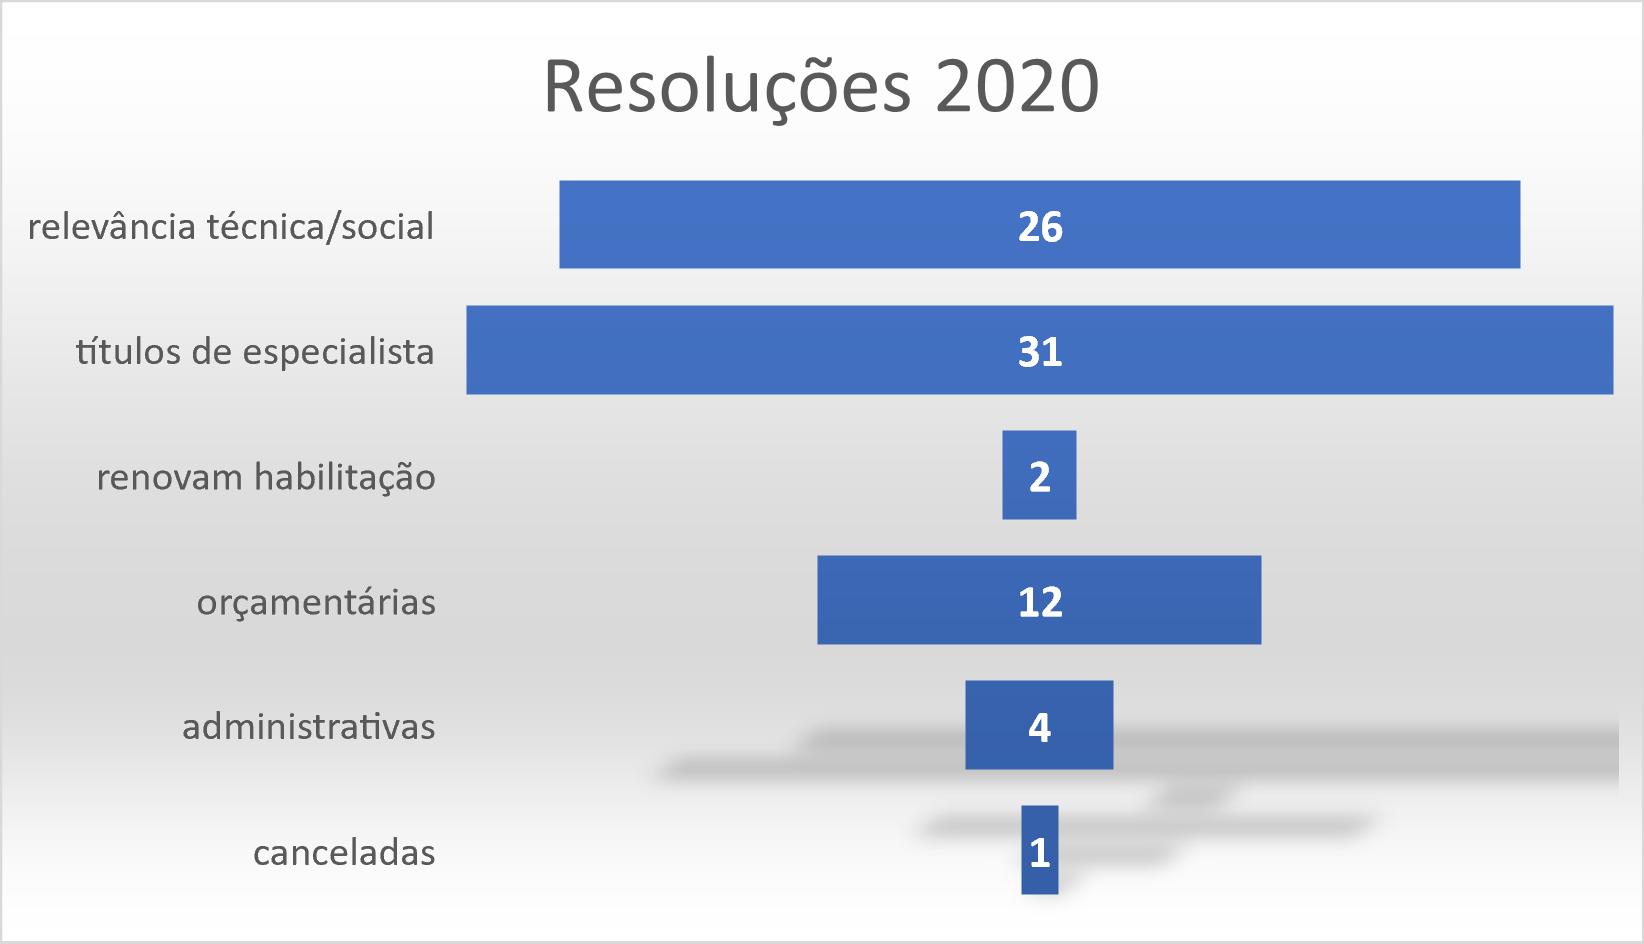 Resoluções 2020